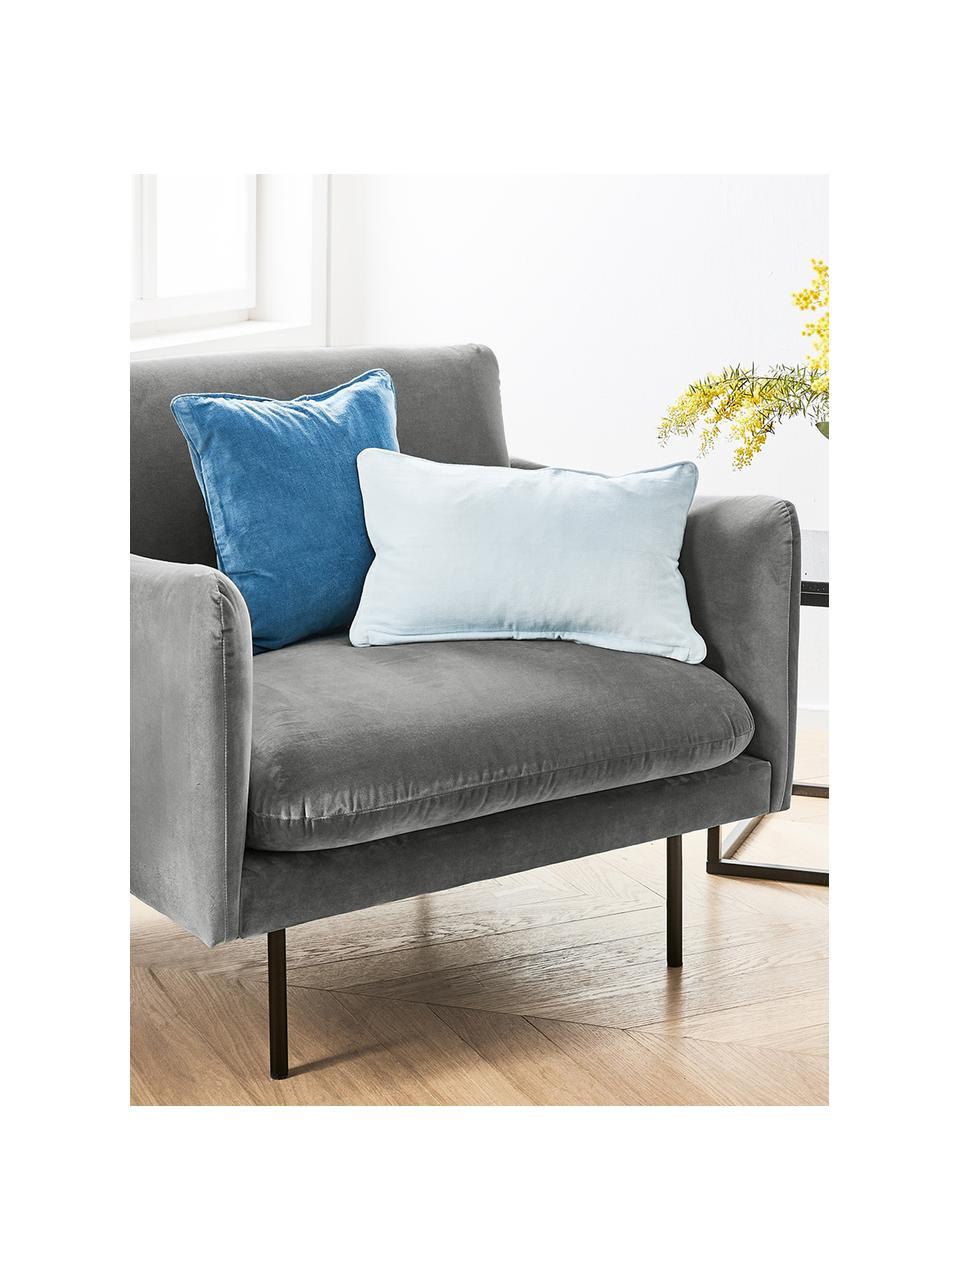 Fluwelen fauteuil Moby in grijs met metalen poten, Bekleding: fluweel (hoogwaardig poly, Frame: massief grenenhout, Poten: gepoedercoat metaal, Fluweel grijs, B 90 x D 90 cm